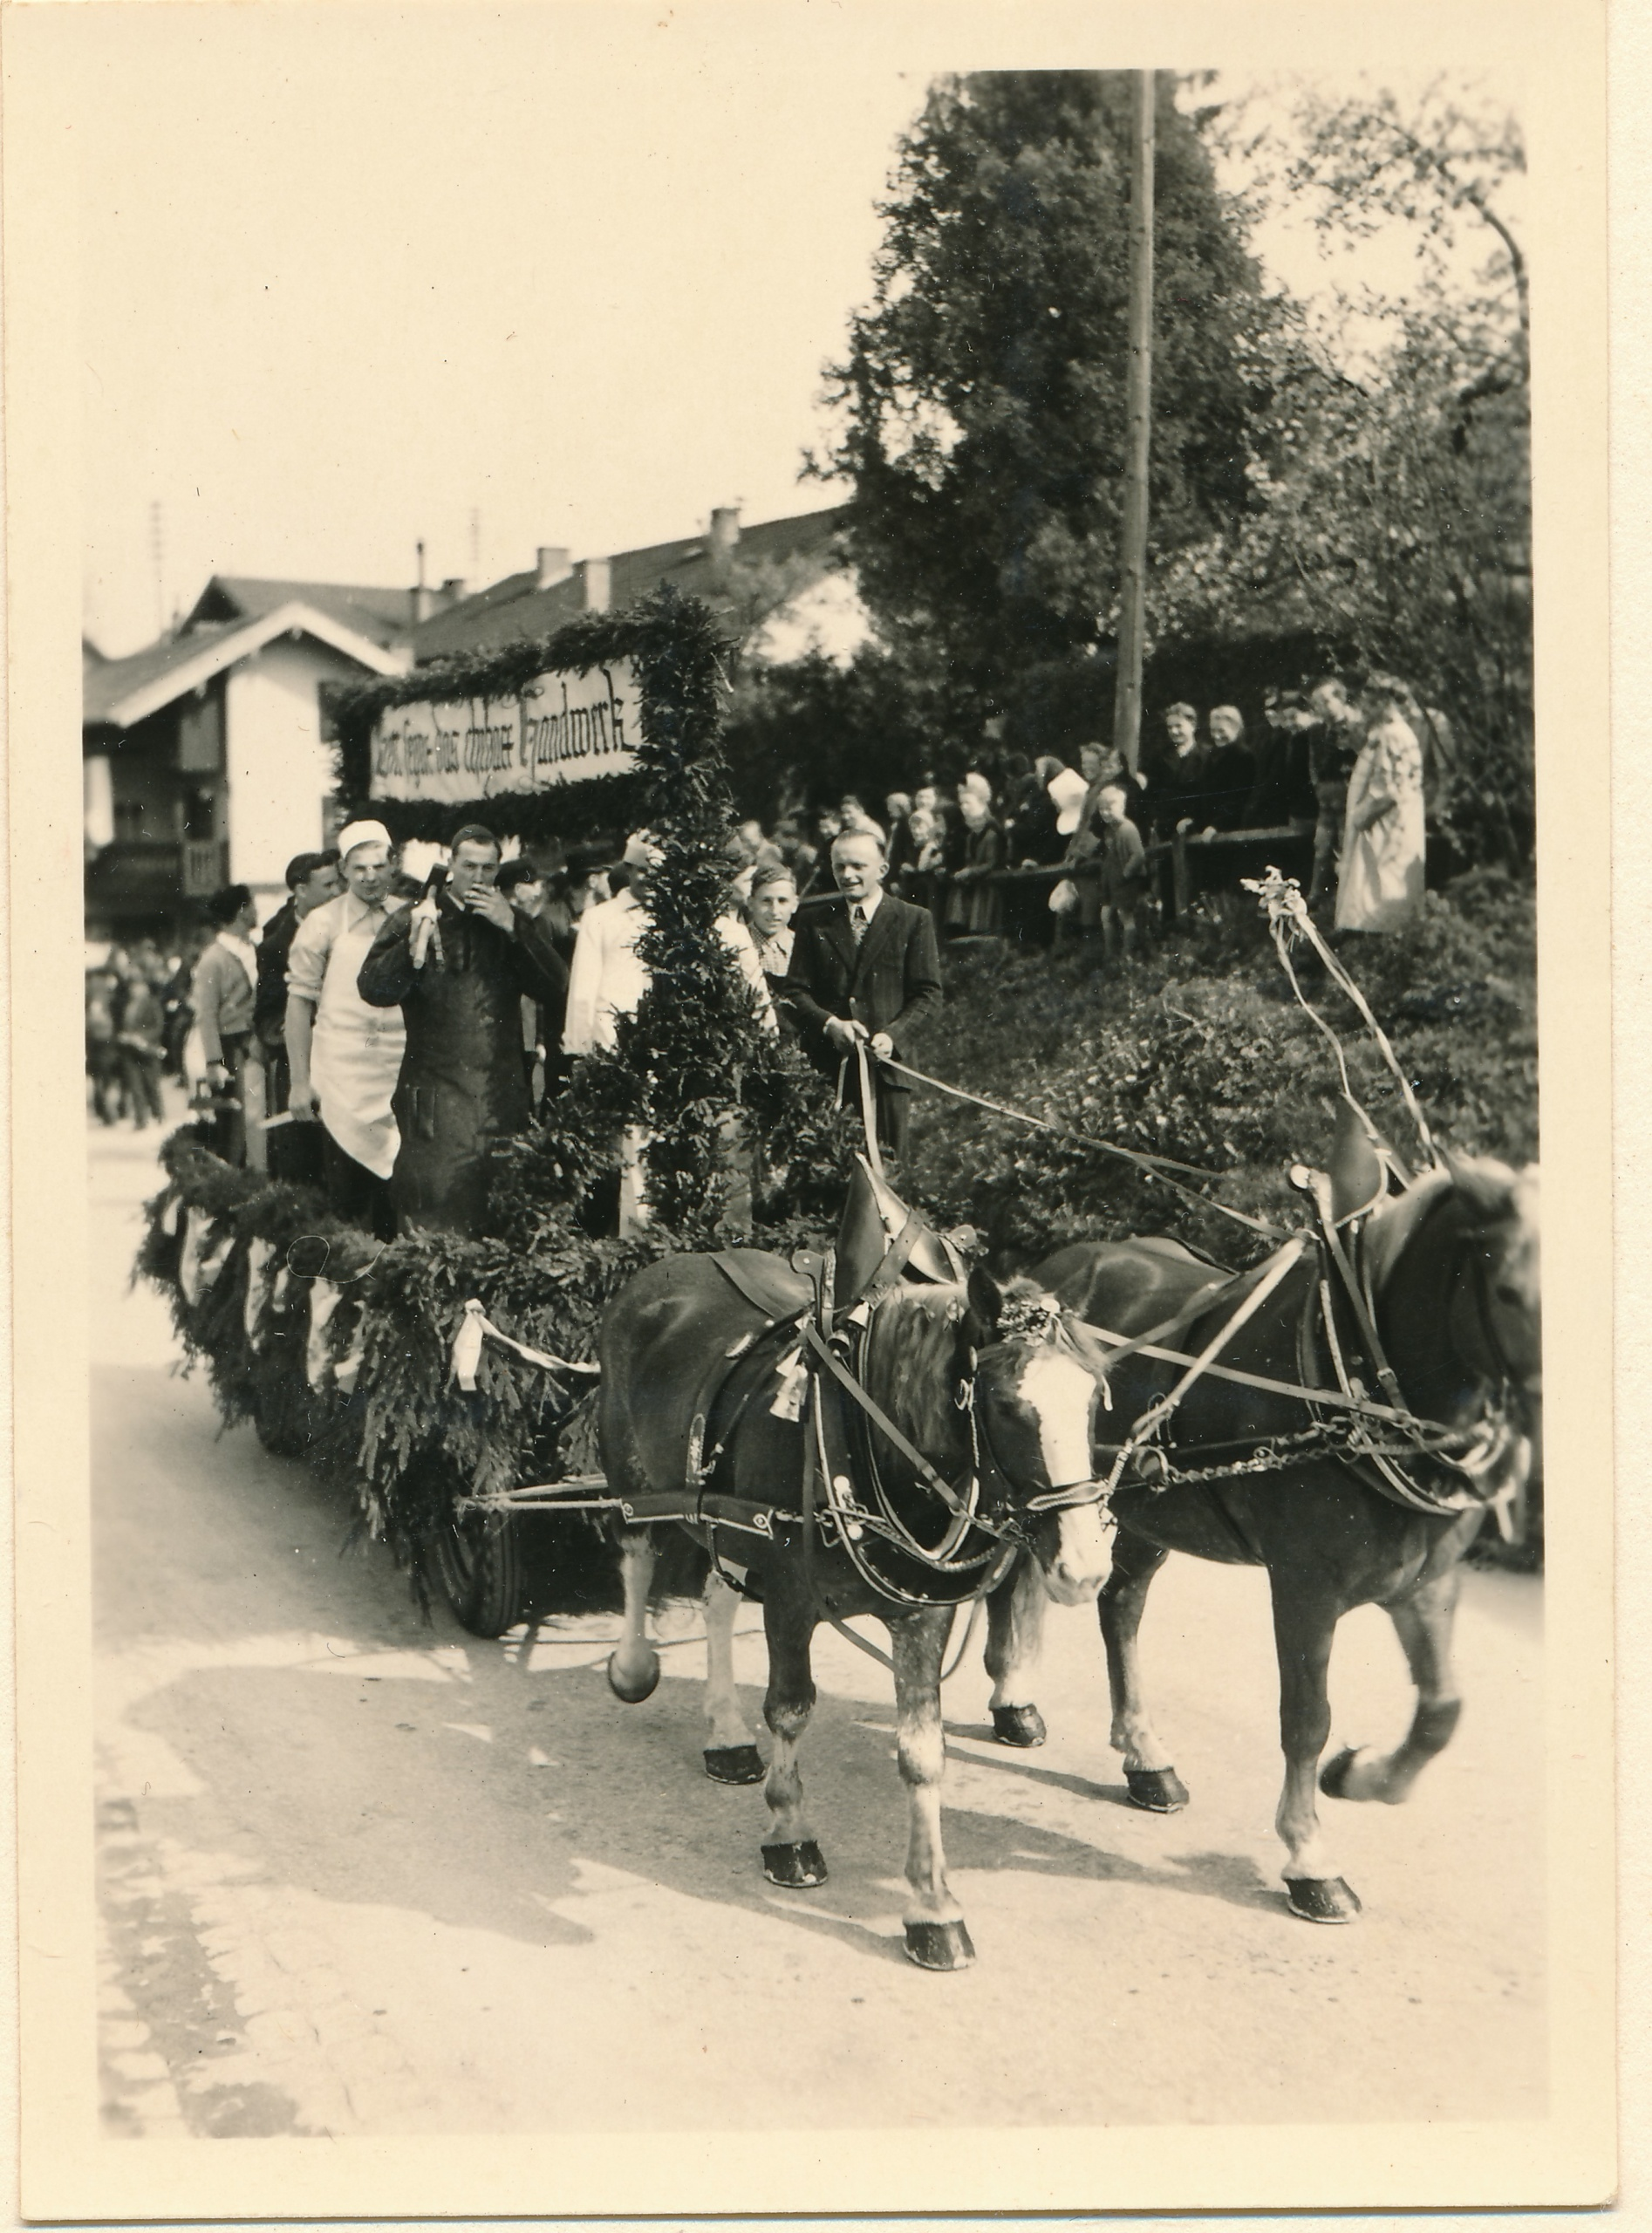 Festzug - Wagen der Handwerker